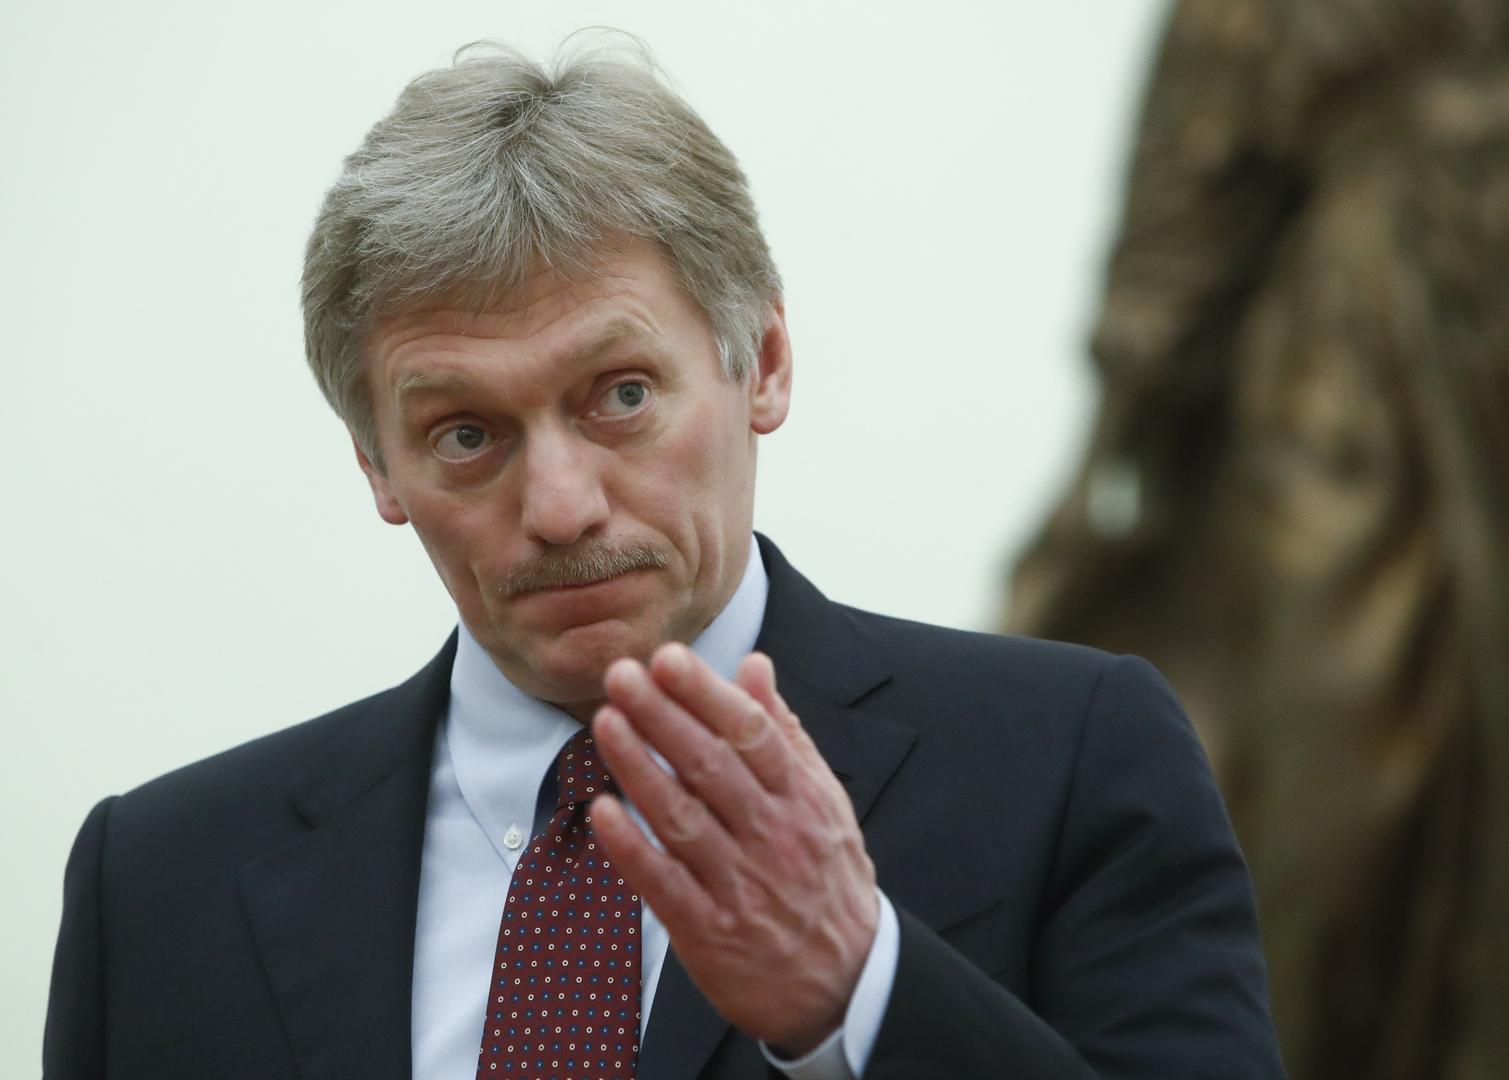 بيسكوف: الدعوات للخروج في تجمعات غير مرخص فيها أمر غير مقبول